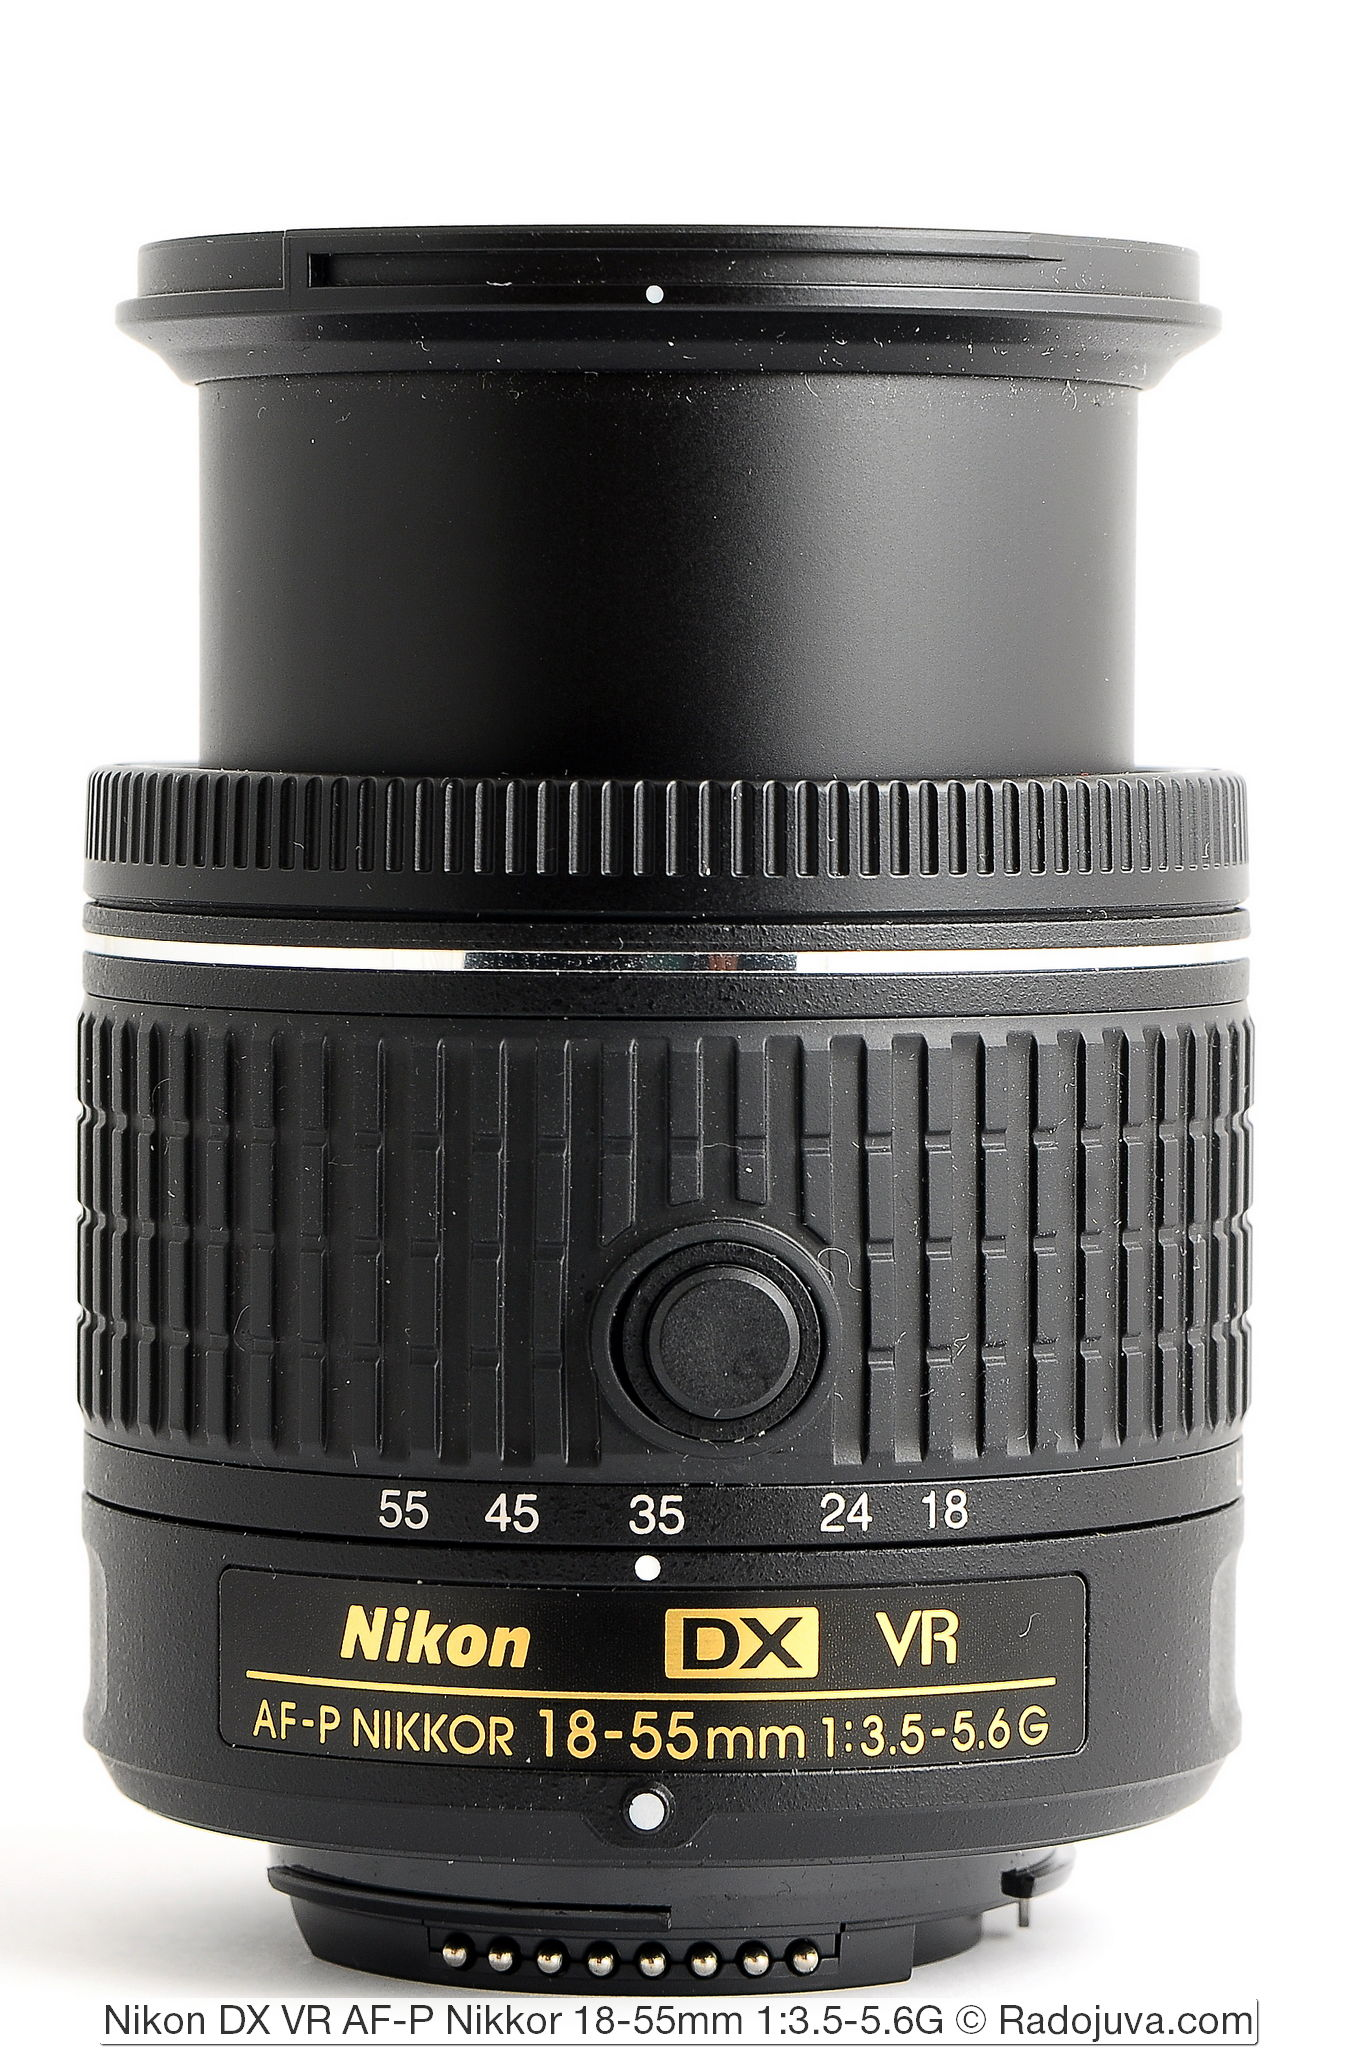 Объектив Nikon DX VR AF-P Nikkor 18-55mm 1:3.5-5.6G